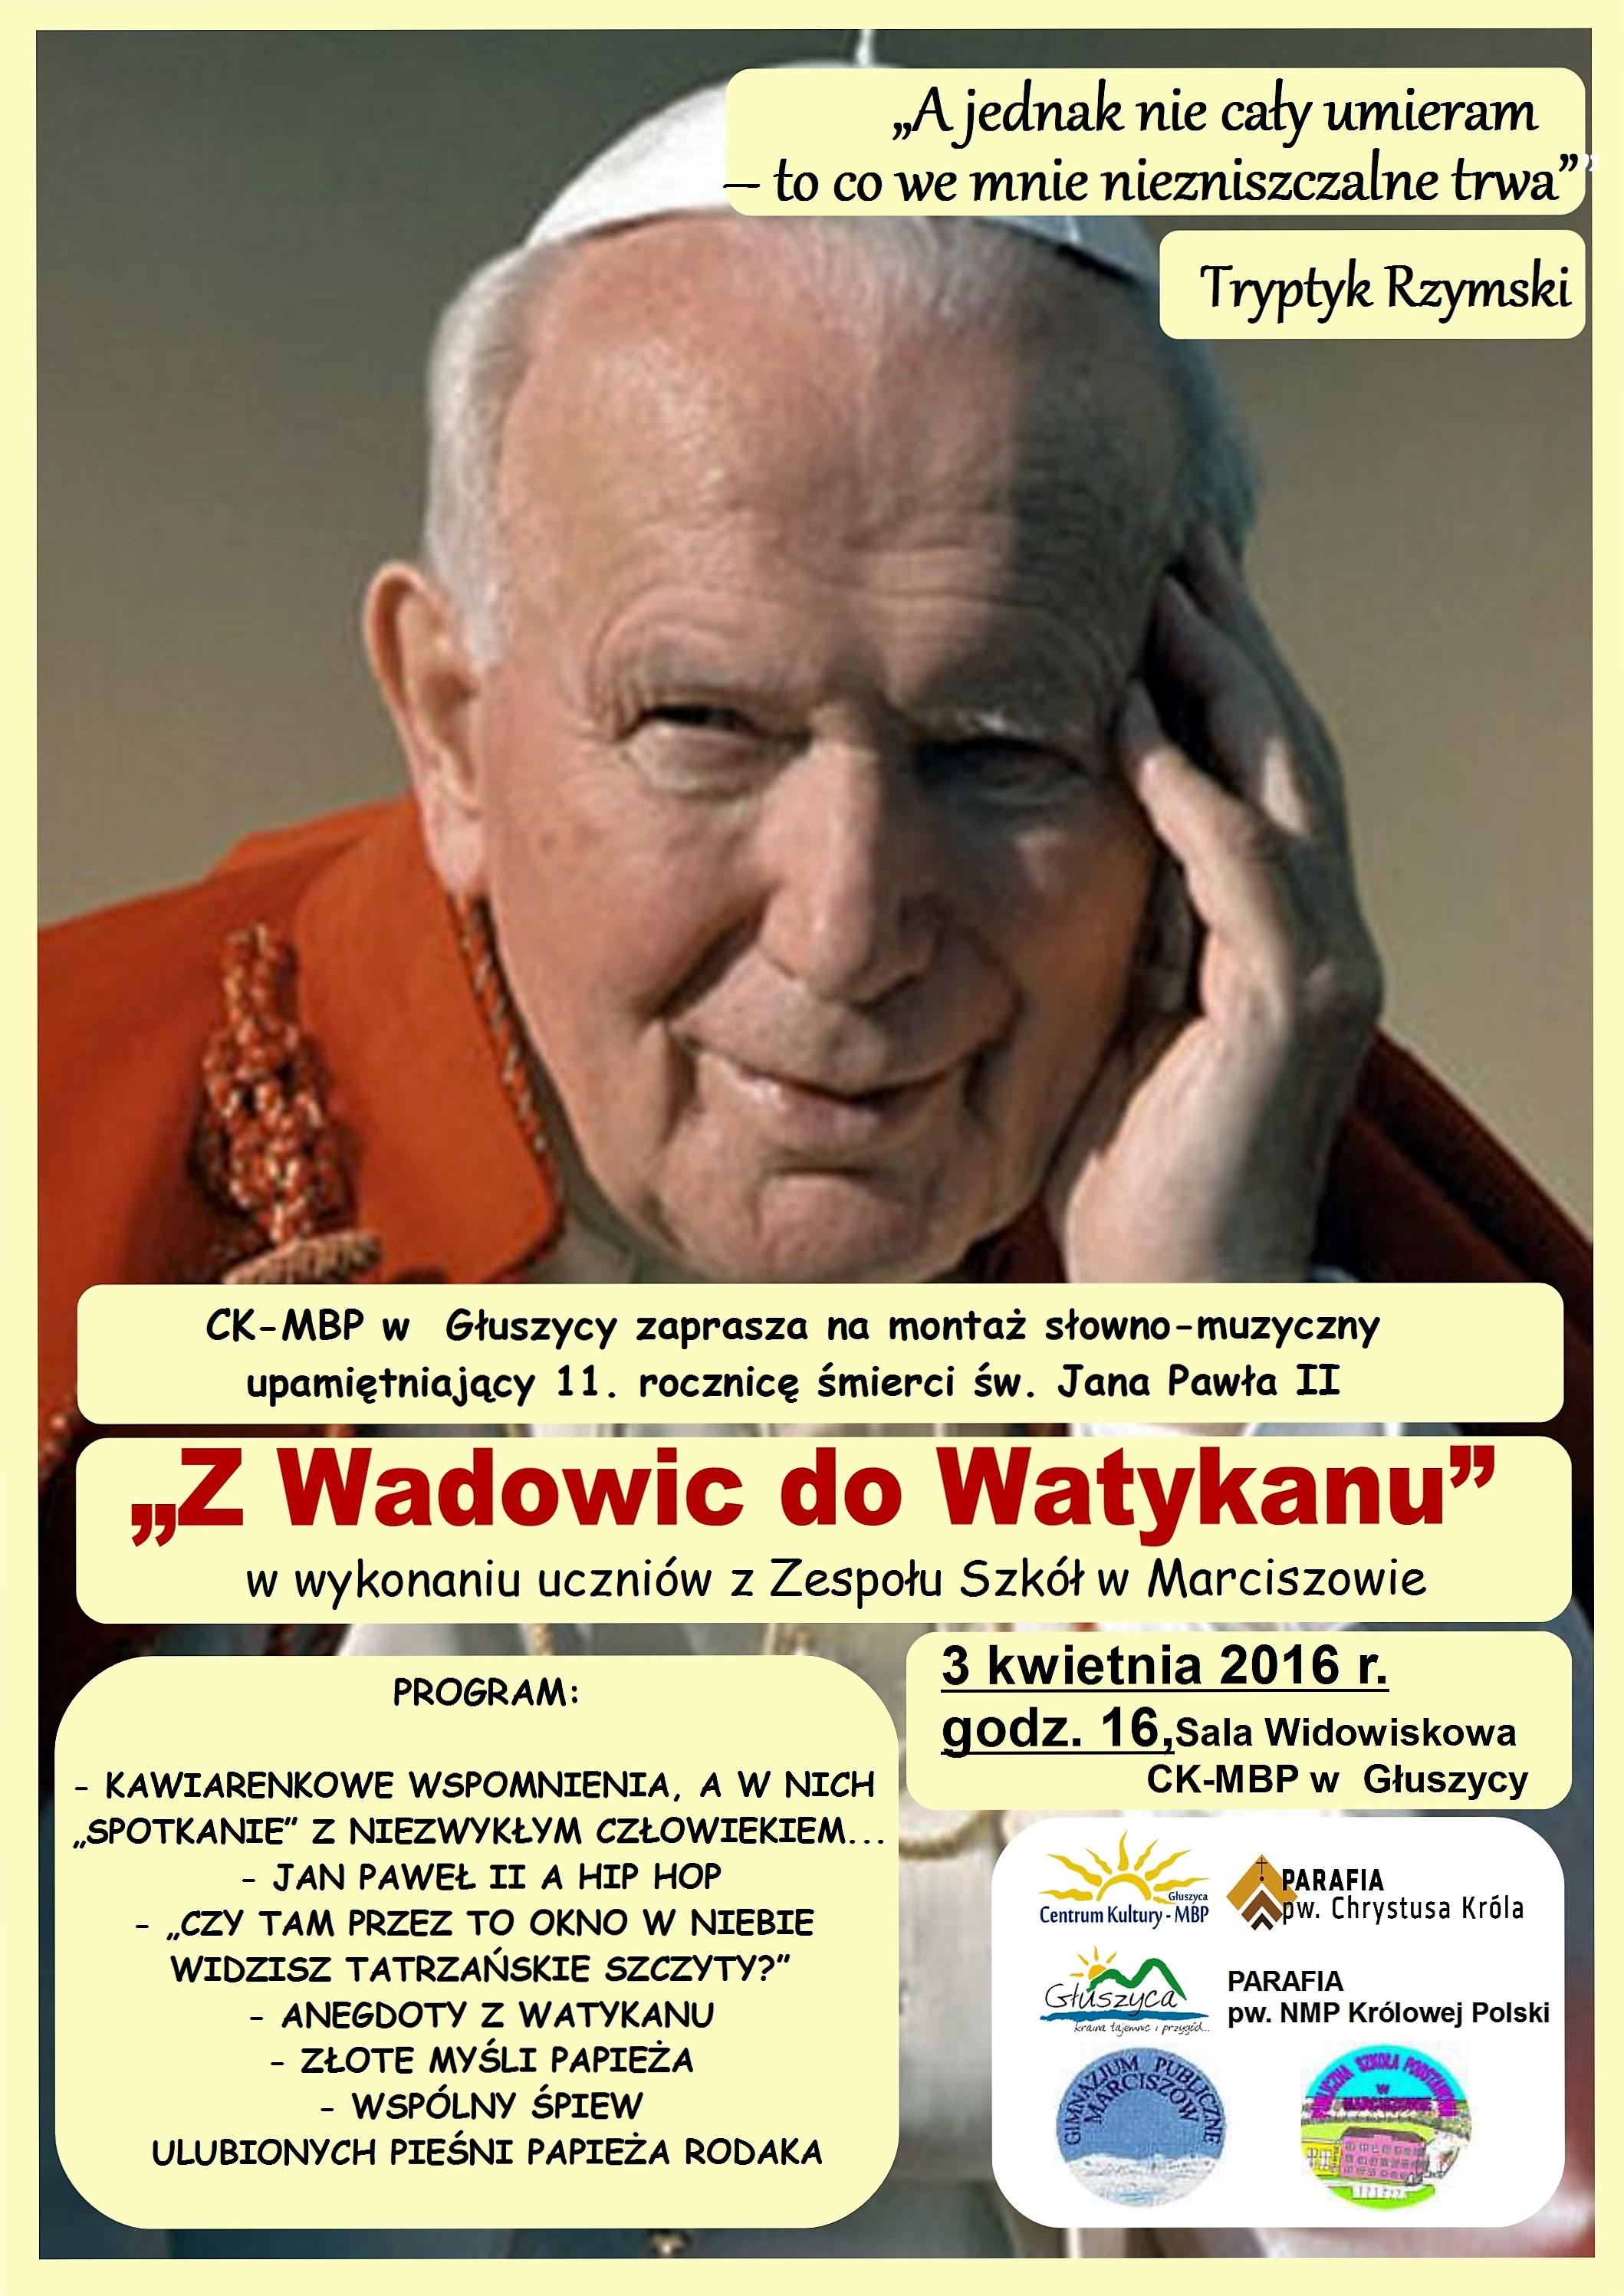 Z Wadowic do Watykanu_01